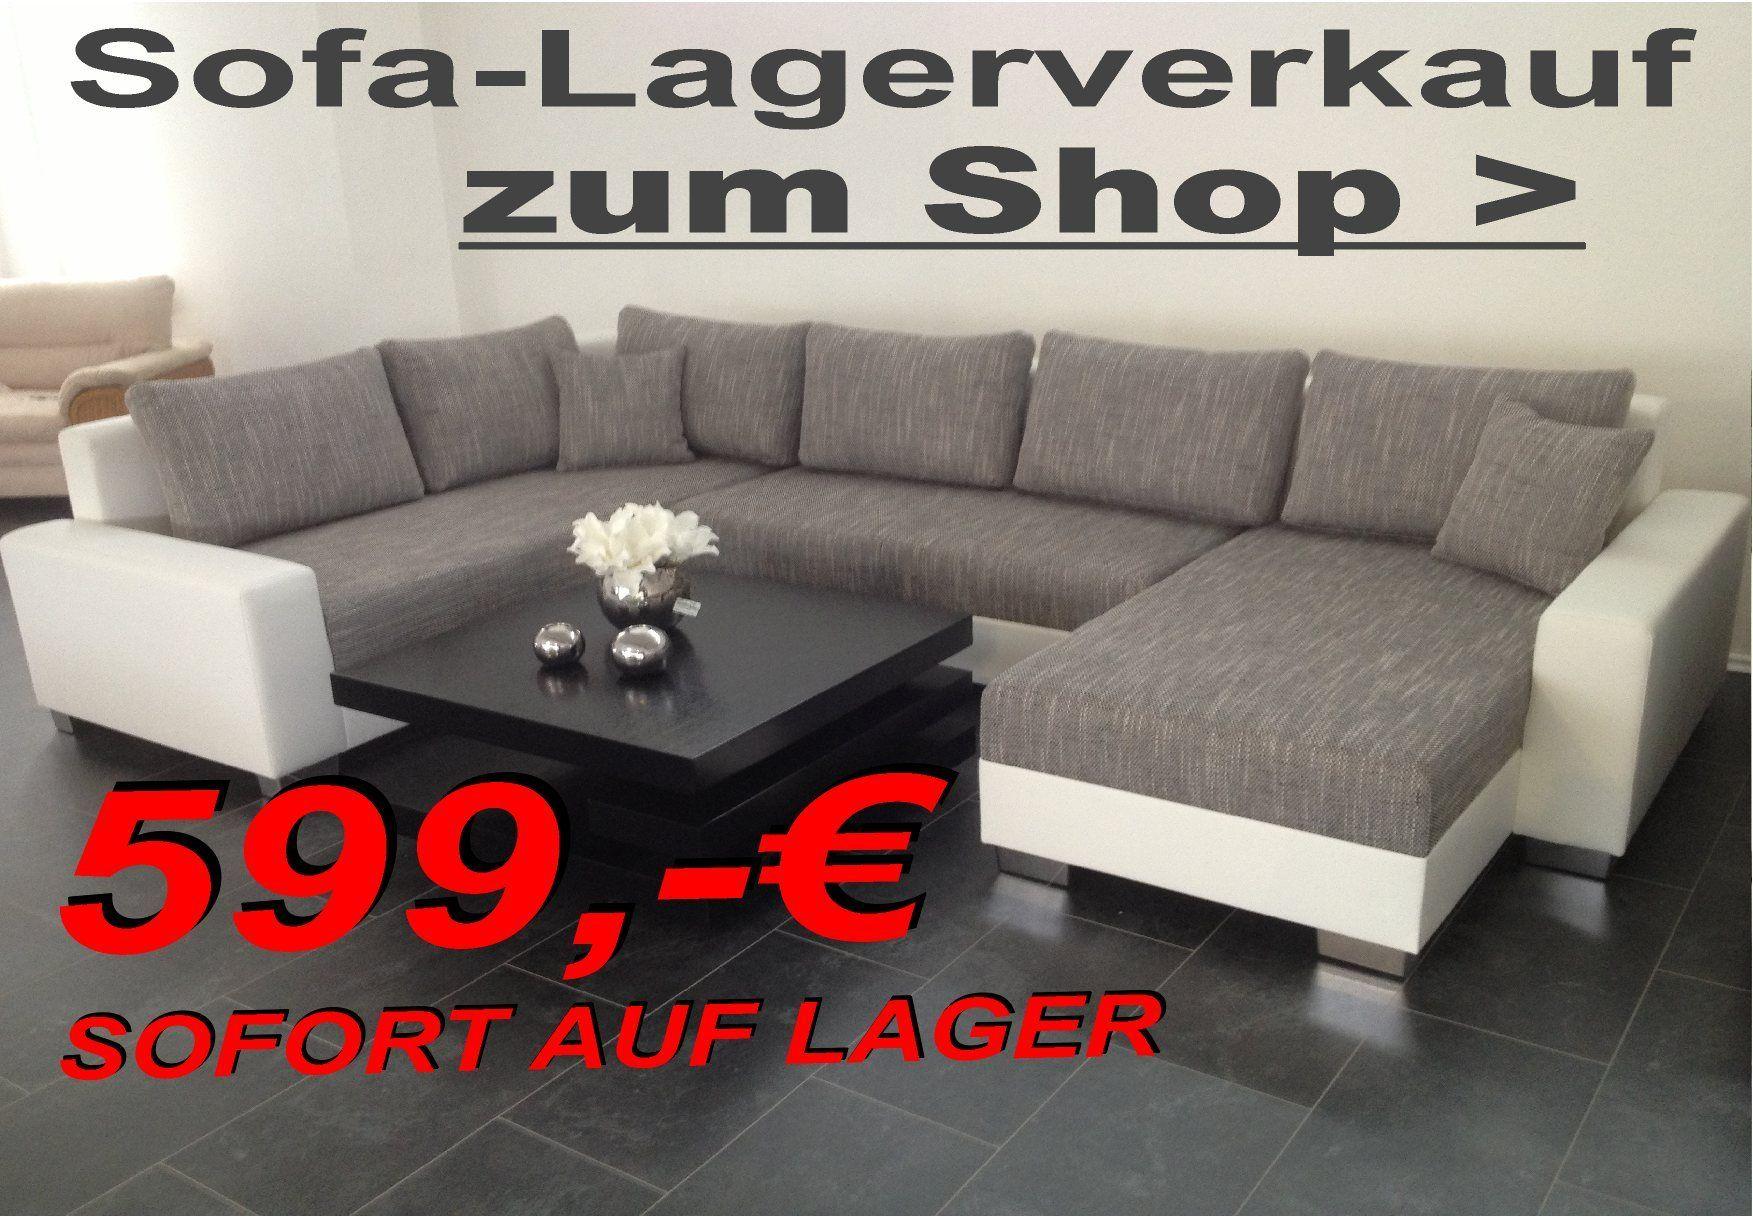 Günstige Polstermöbel Möbel Günstig Online Kaufen Sofort Lieferbar